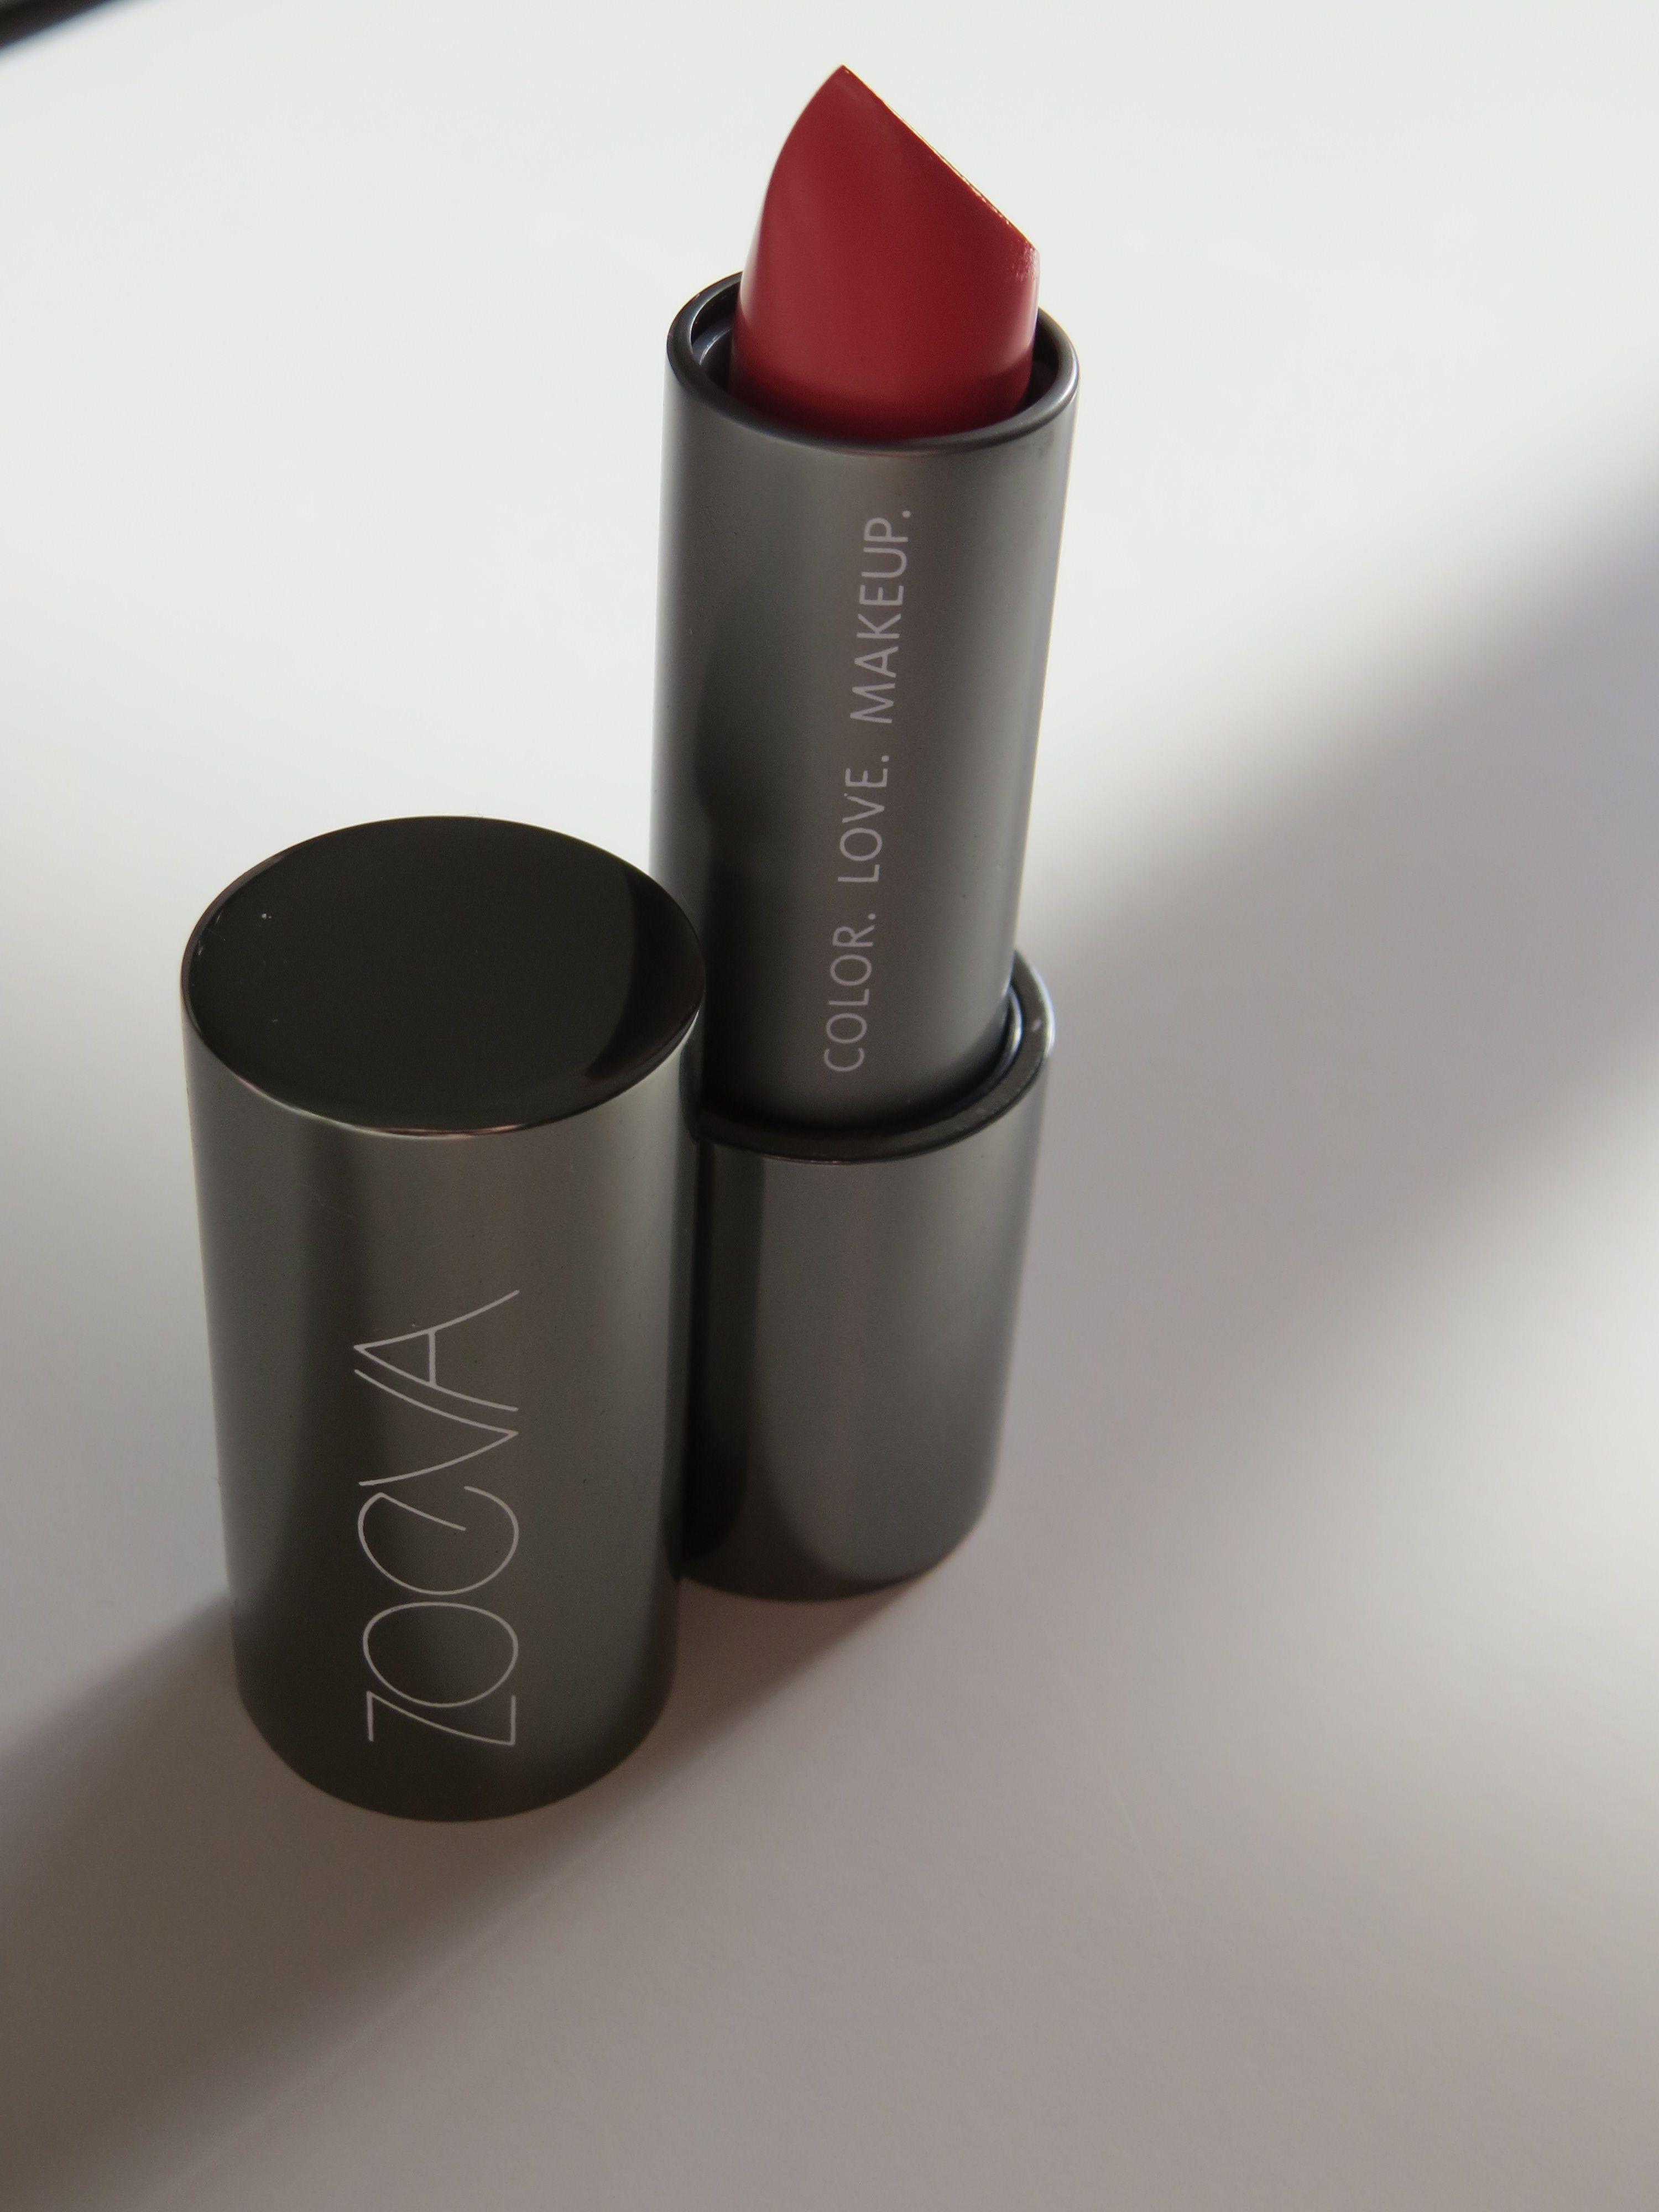 ZOEVA lipstick